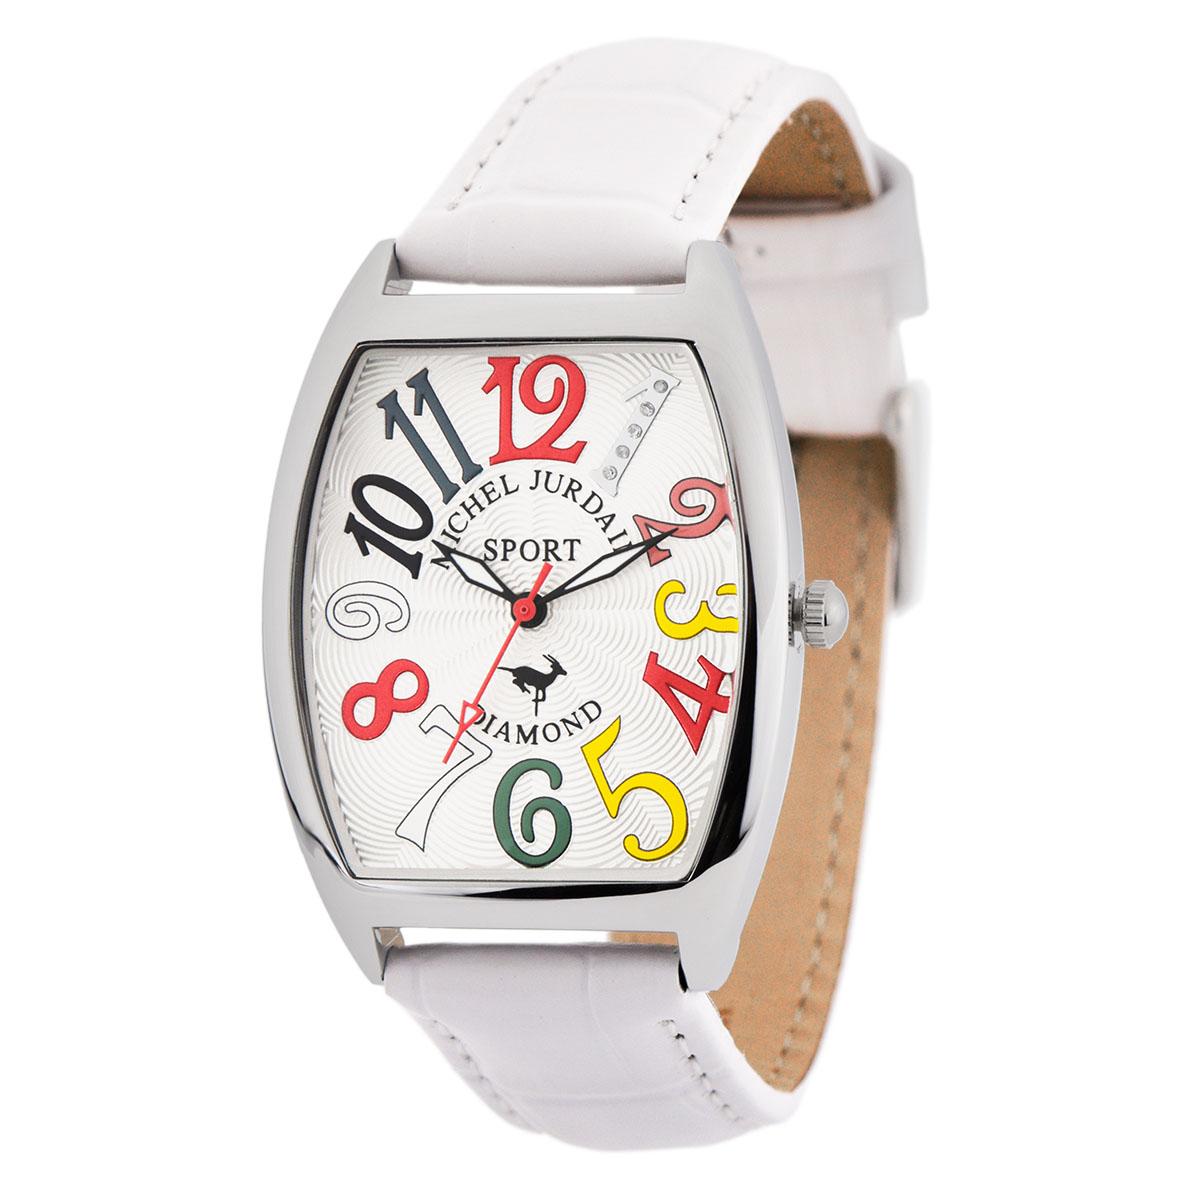 ミッシェル・ジョルダン MICHEL JURDAIN トノー型ダイヤモンド SG-1000-10 ユニセックス 時計 腕時計 クオーツ